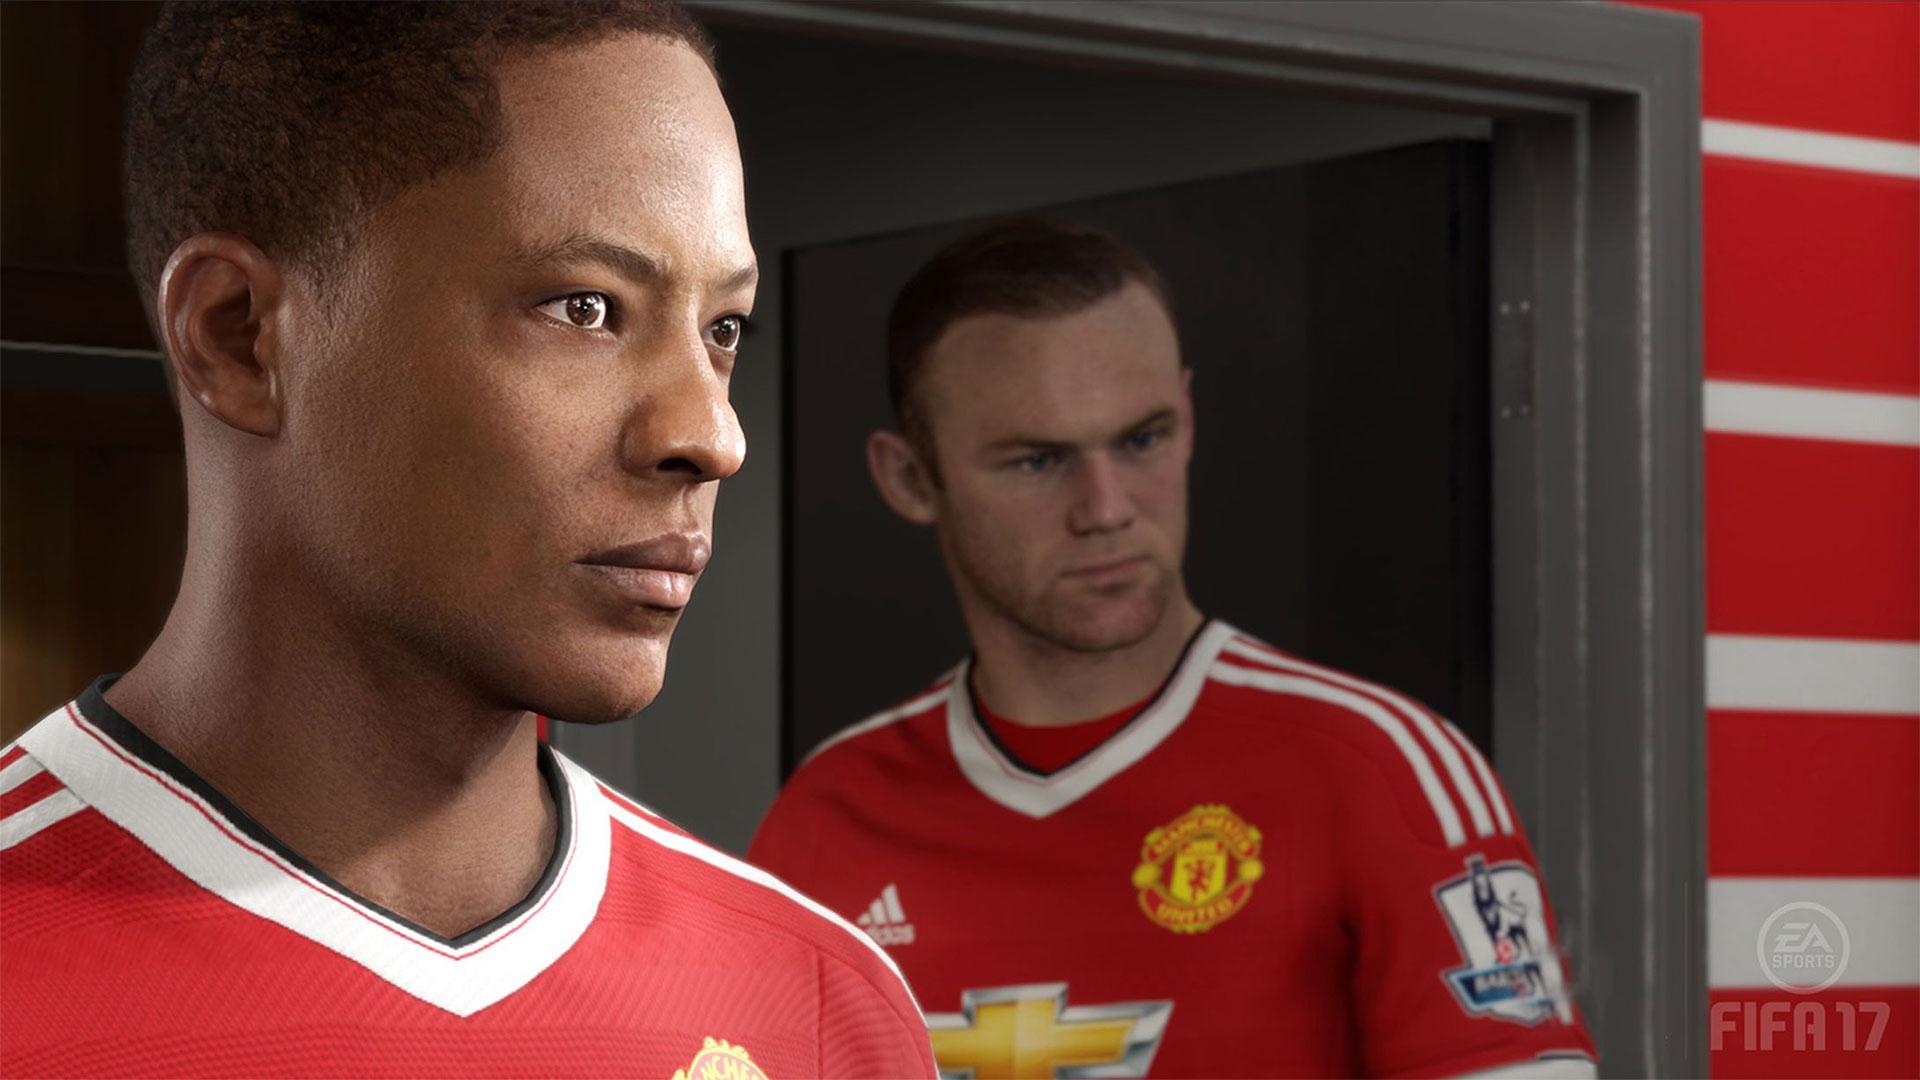 FIFA 17 HD